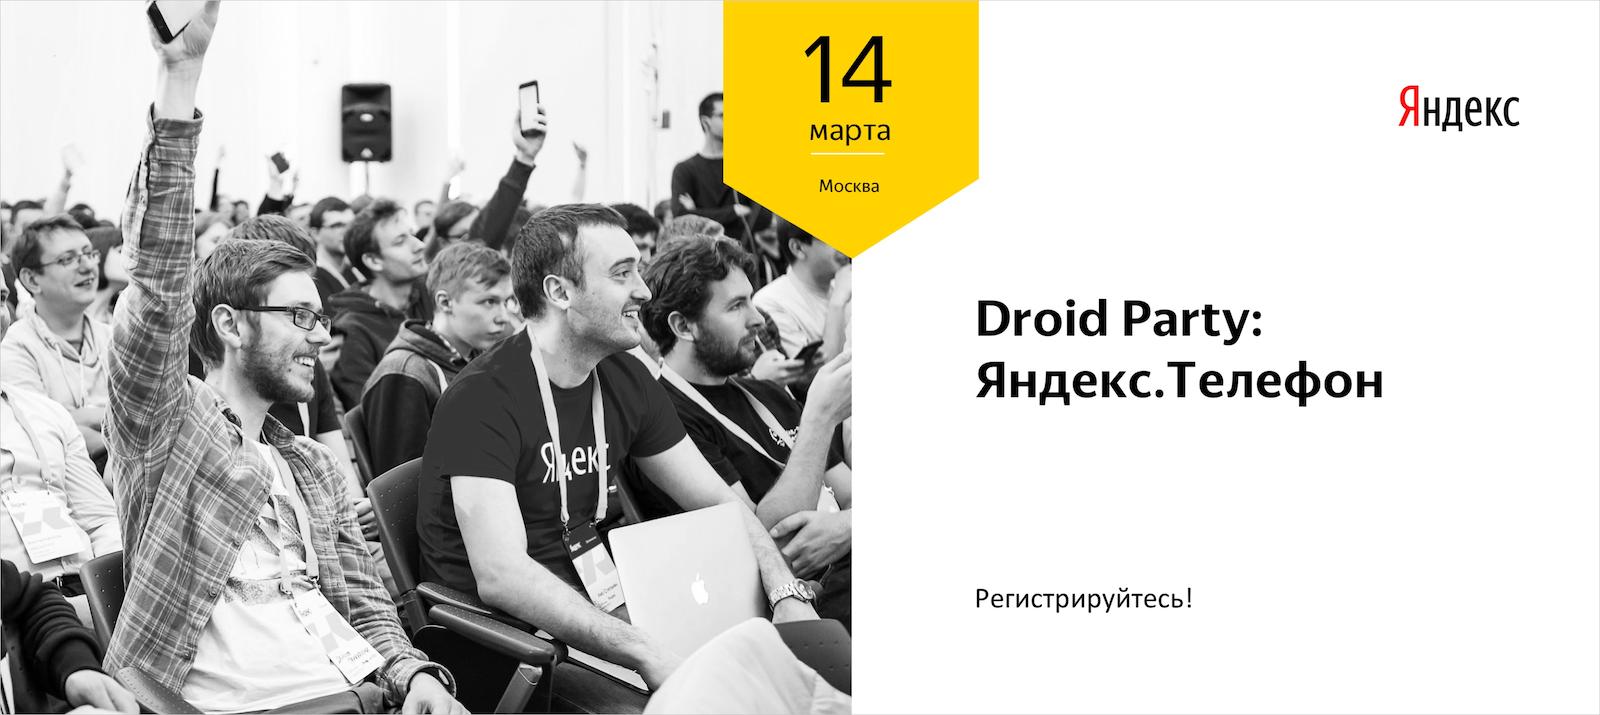 Приглашаем на Droid Party — встречу, посвящённую практическим вопросам разработки Android-приложений и устройств - 1